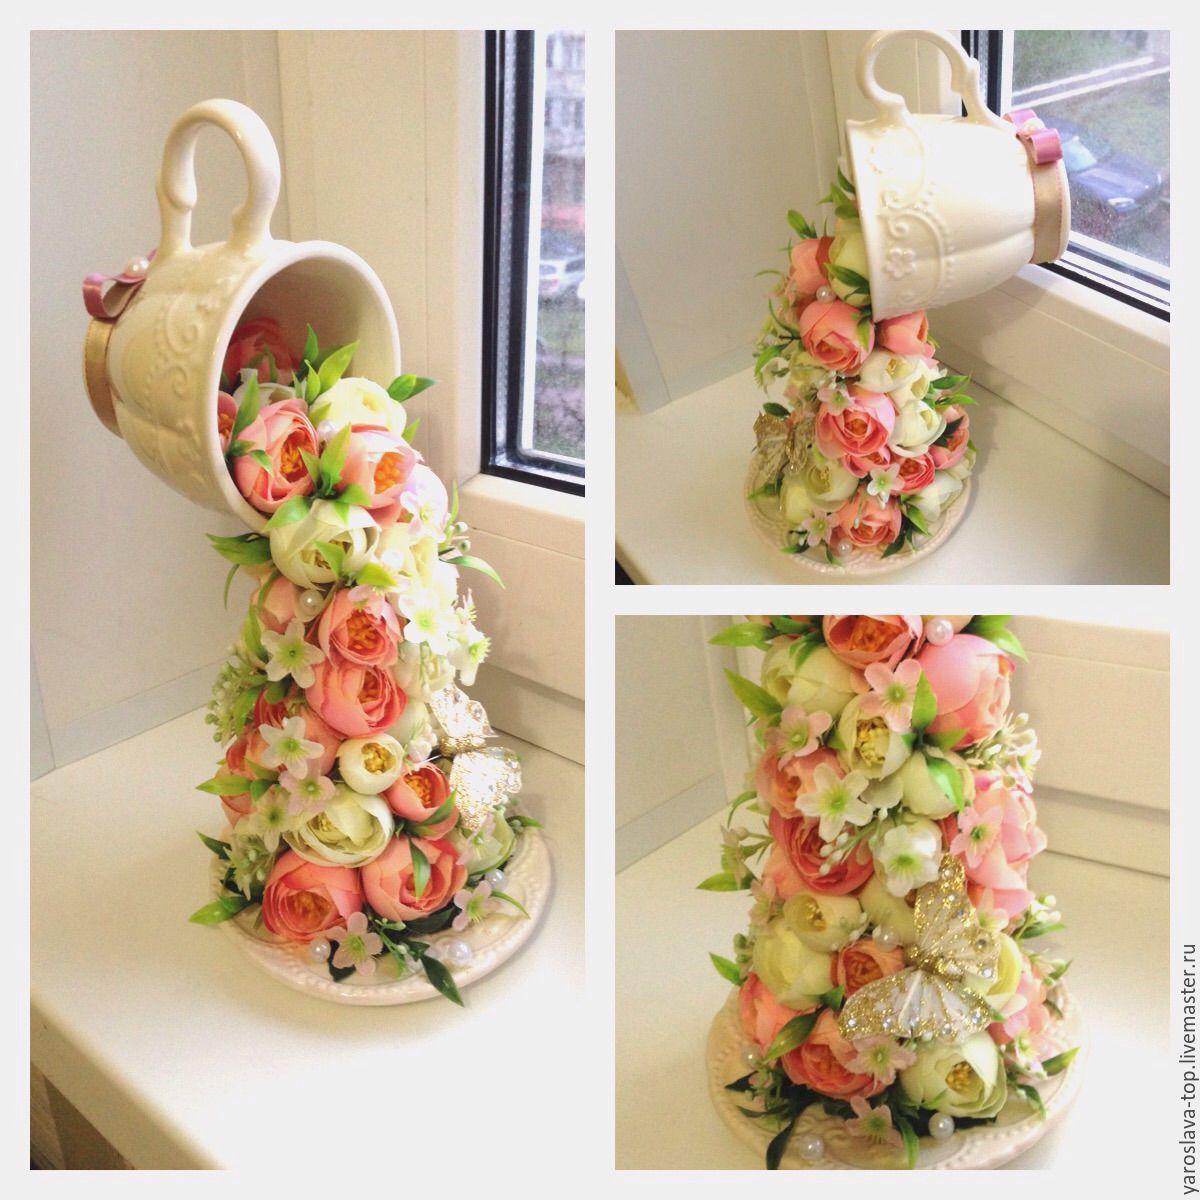 Кофейные поделки - креативные идеи изготовления красивых украшений и игрушек из зерен кофе (105 фото)